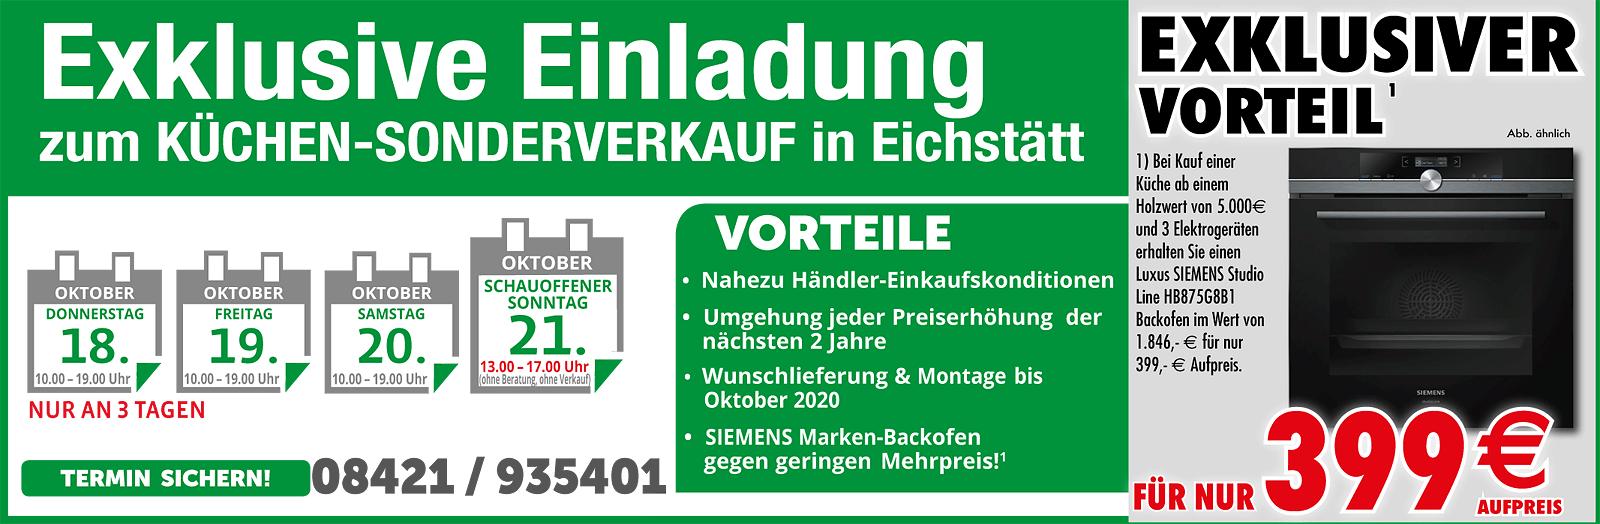 Exklusiver Küchen-Sonderverkauf in Eichstätt - Wunschlieferung und Montage bis Oktober 2020 GRATIS